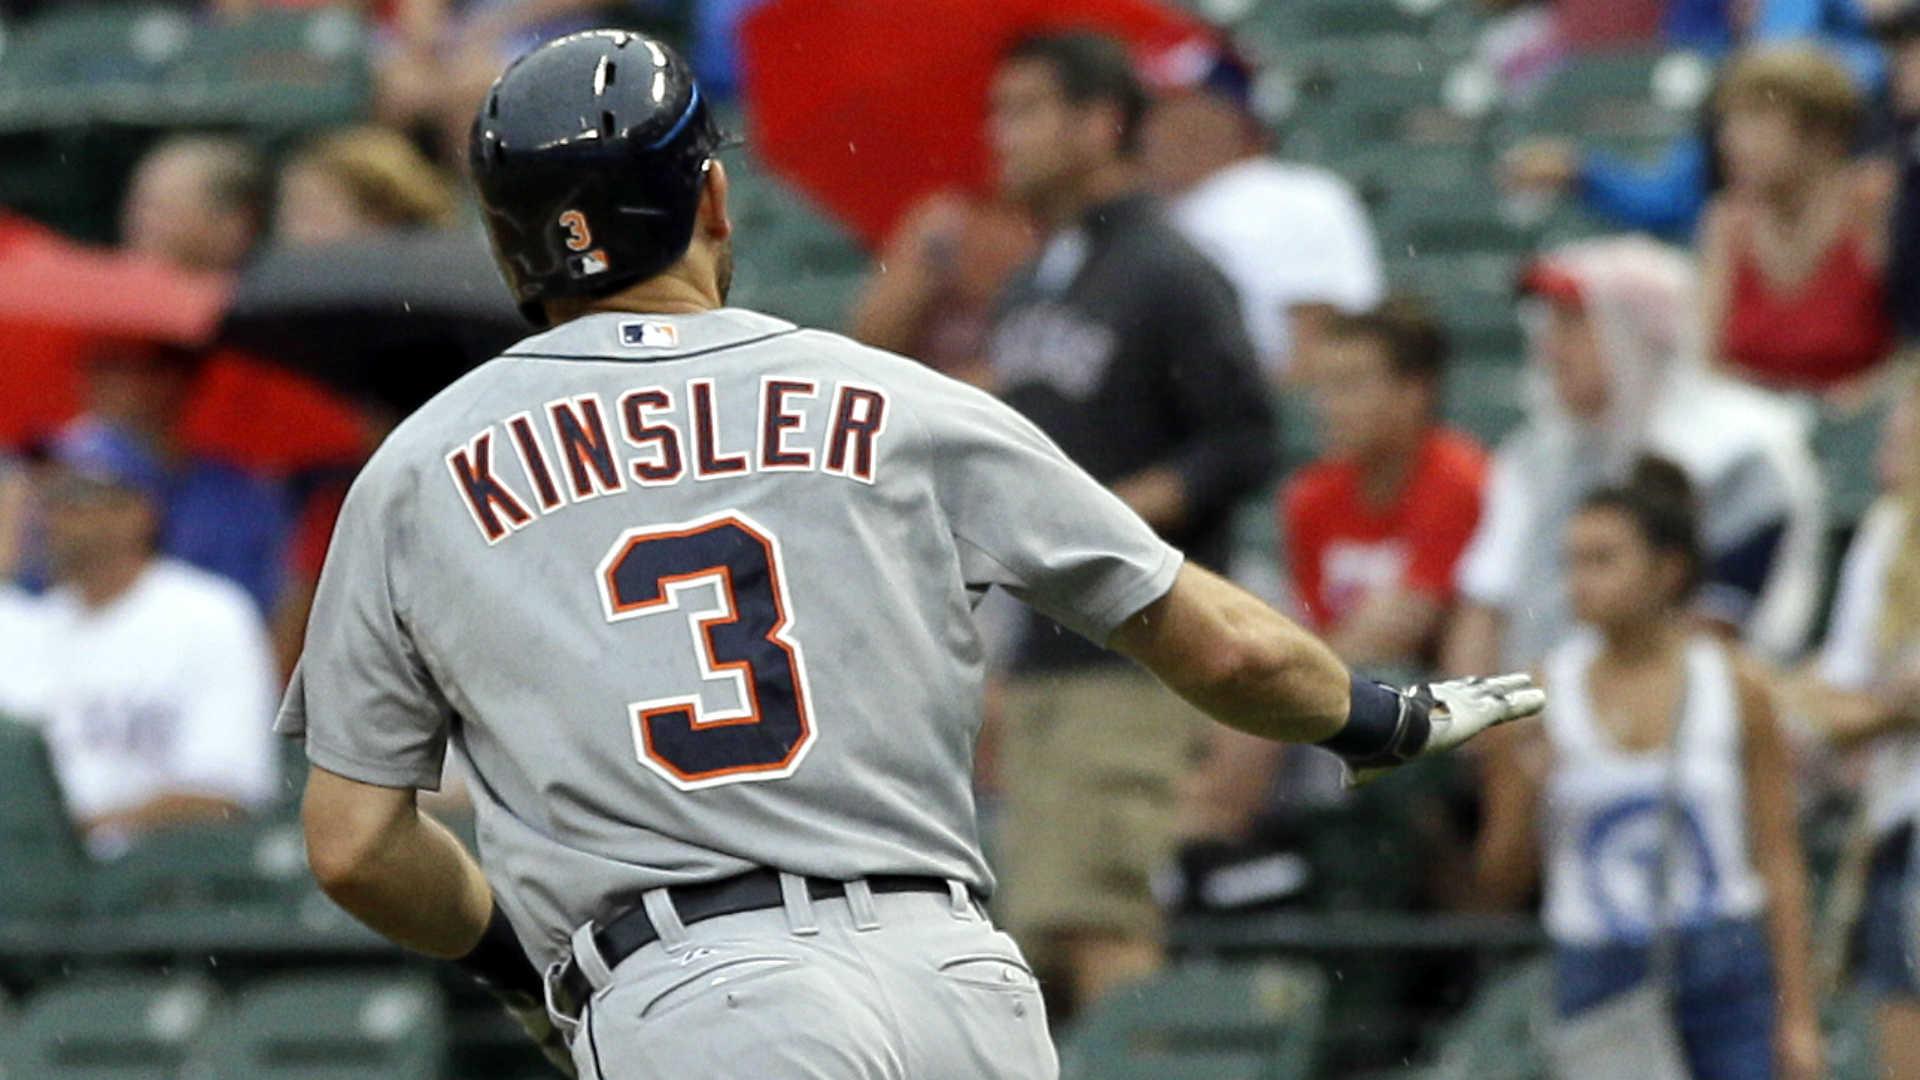 Ian-Kinsler-062414-AP-FTR.jpg